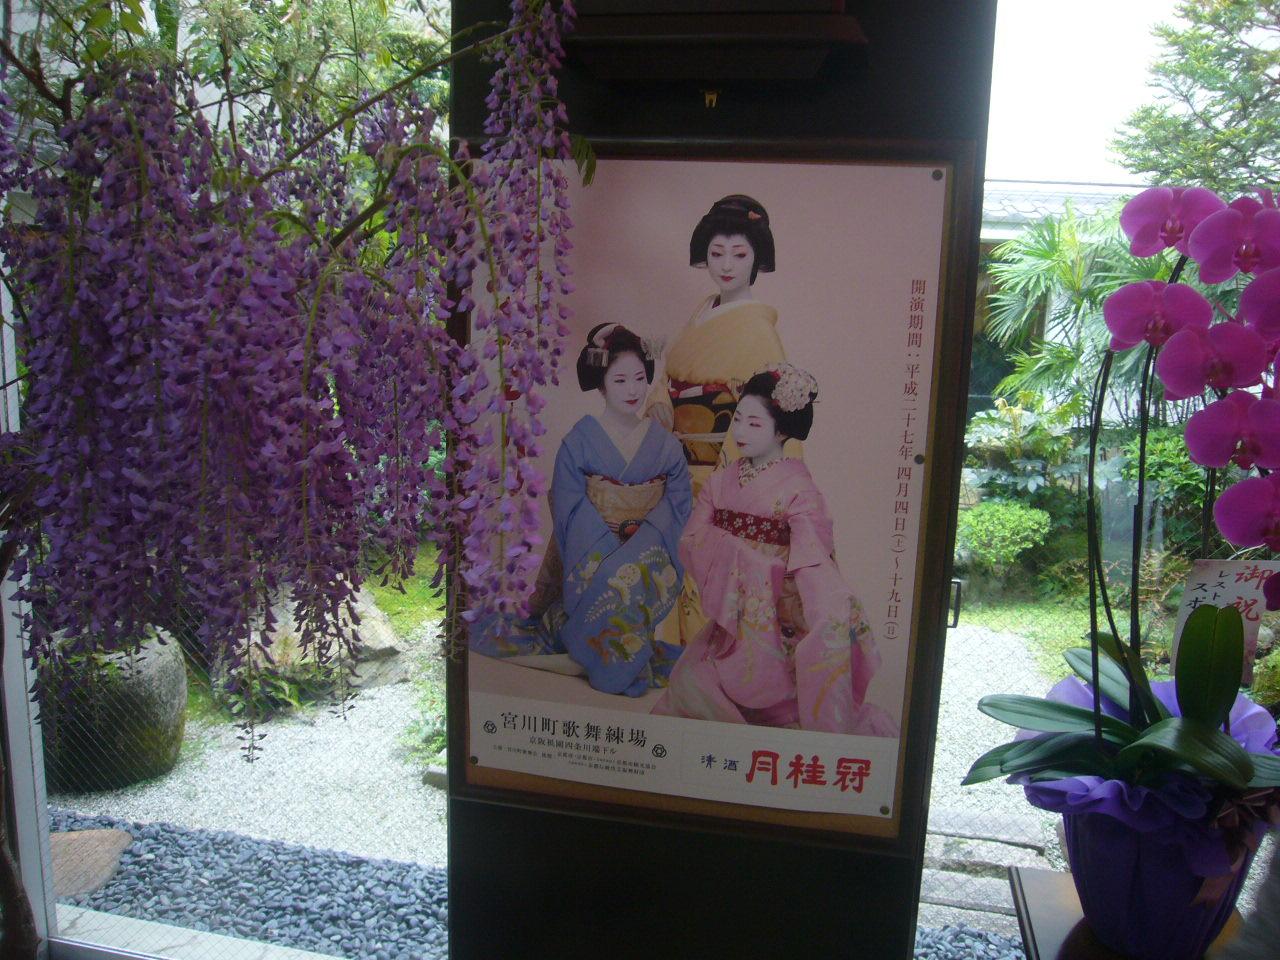 京おどりポスターH27.4.11